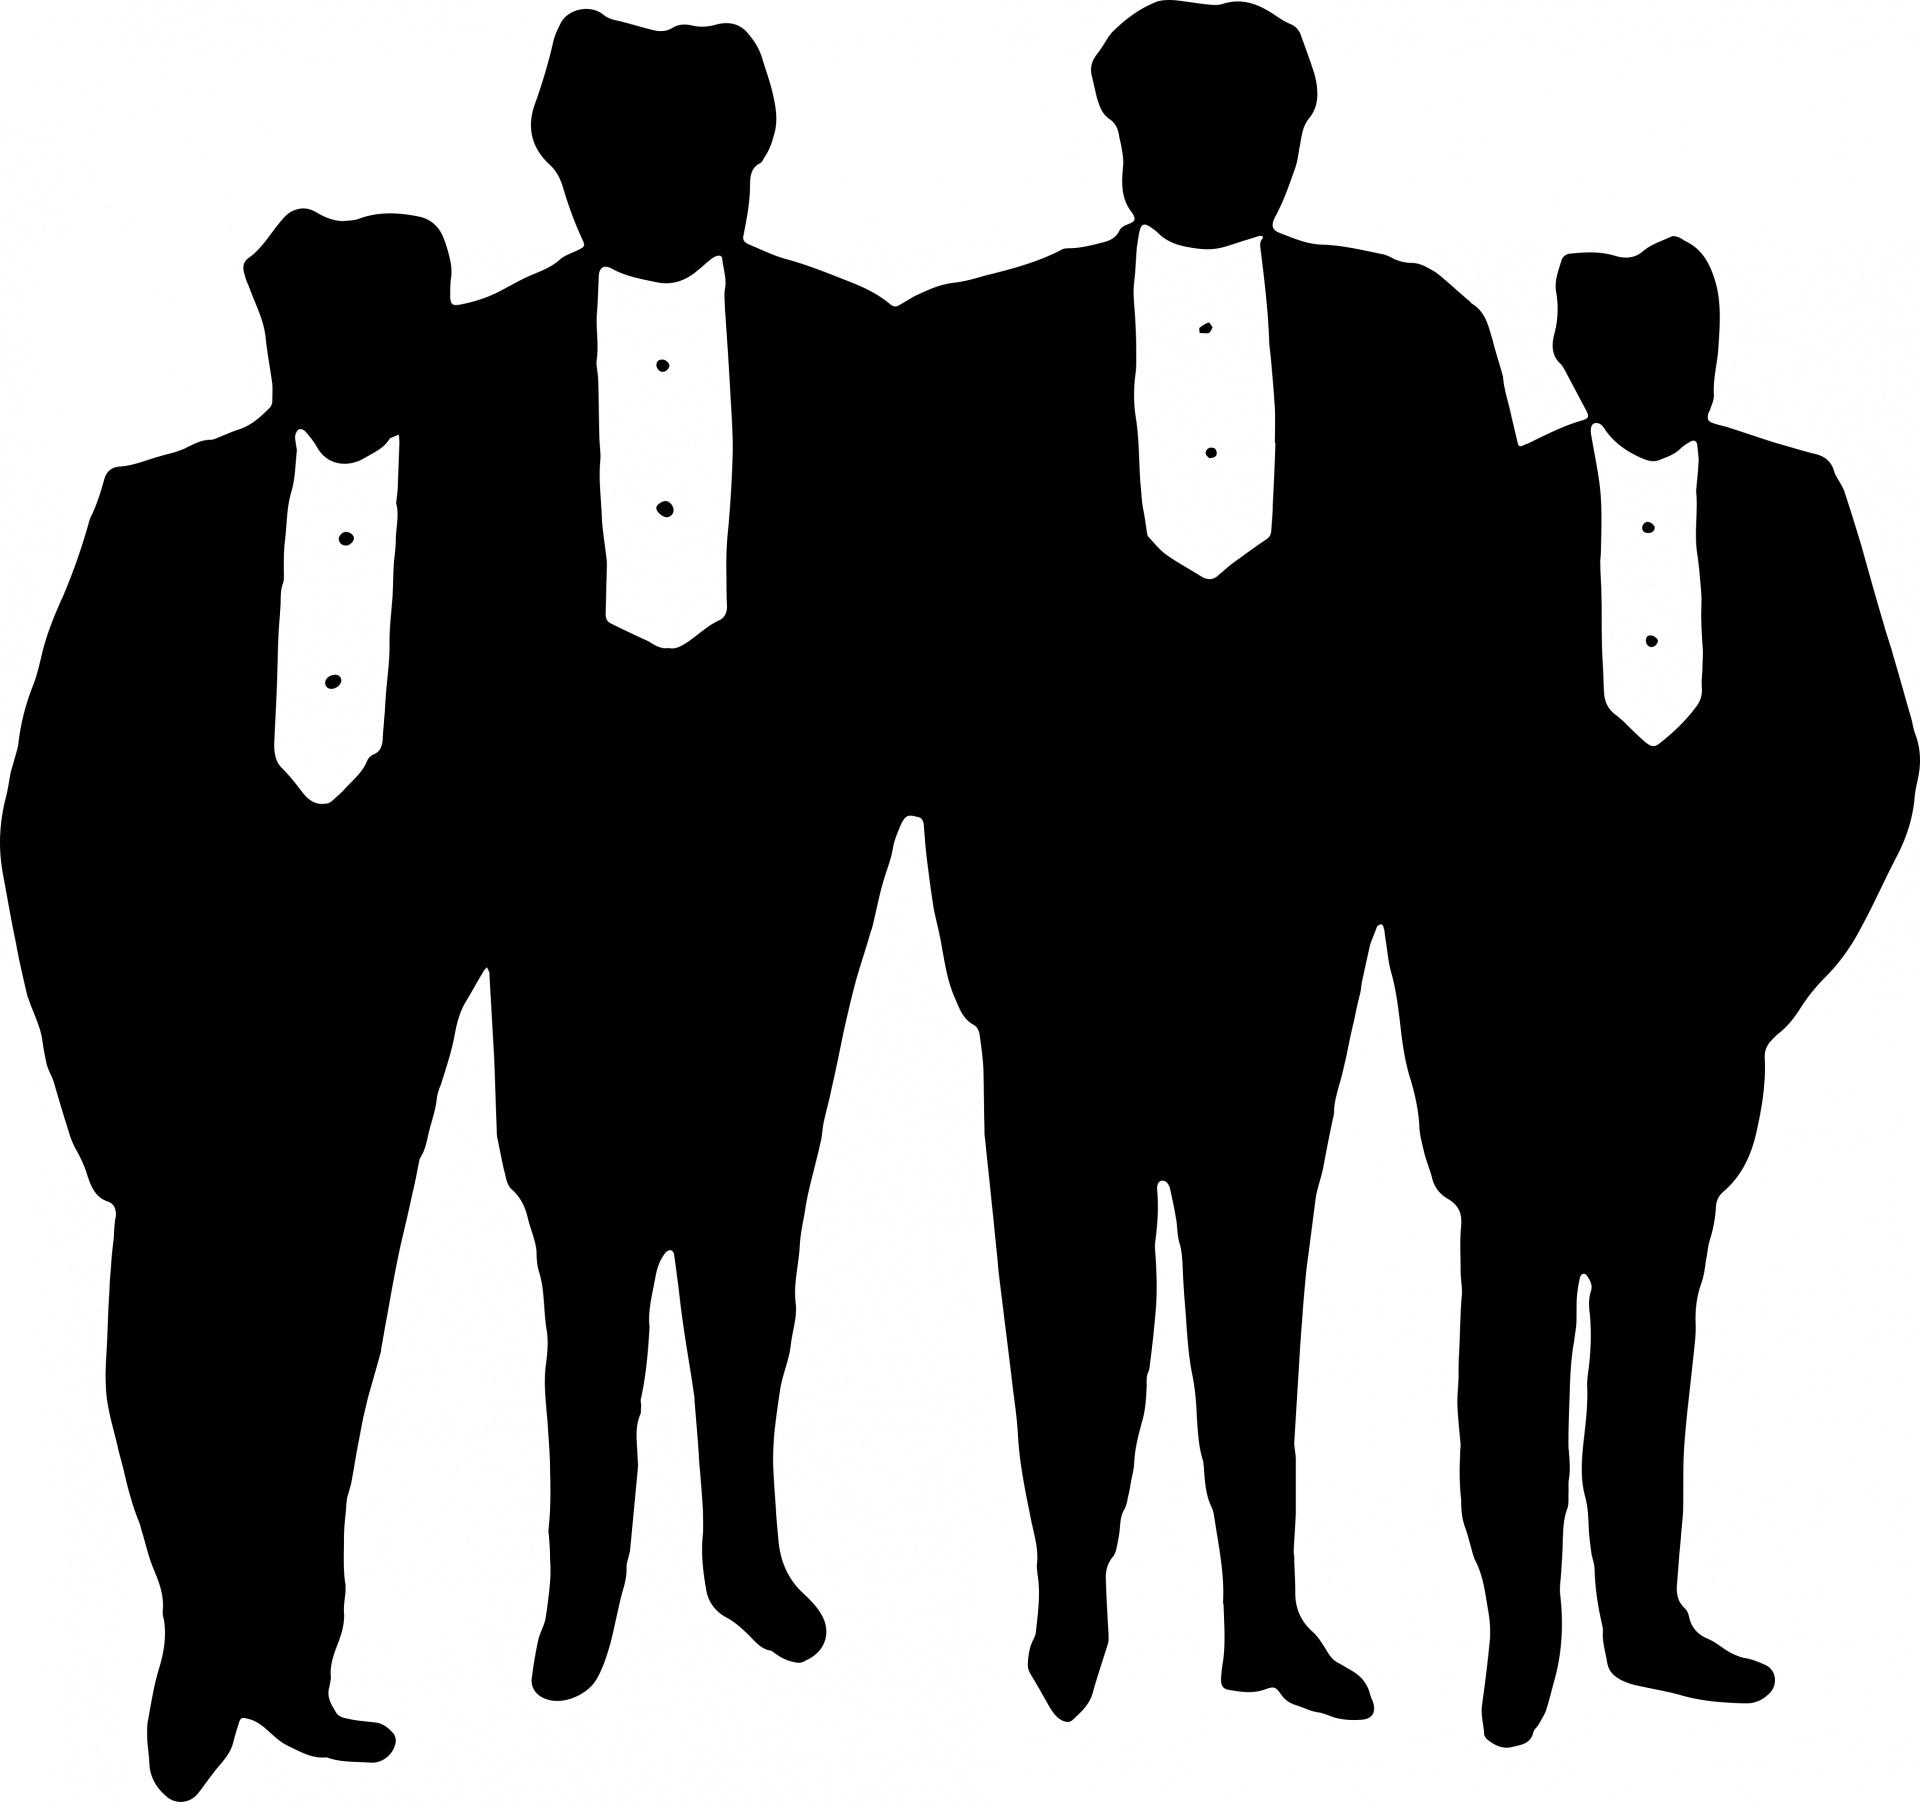 1920x1802 Silhouette Men Free Stock Photo